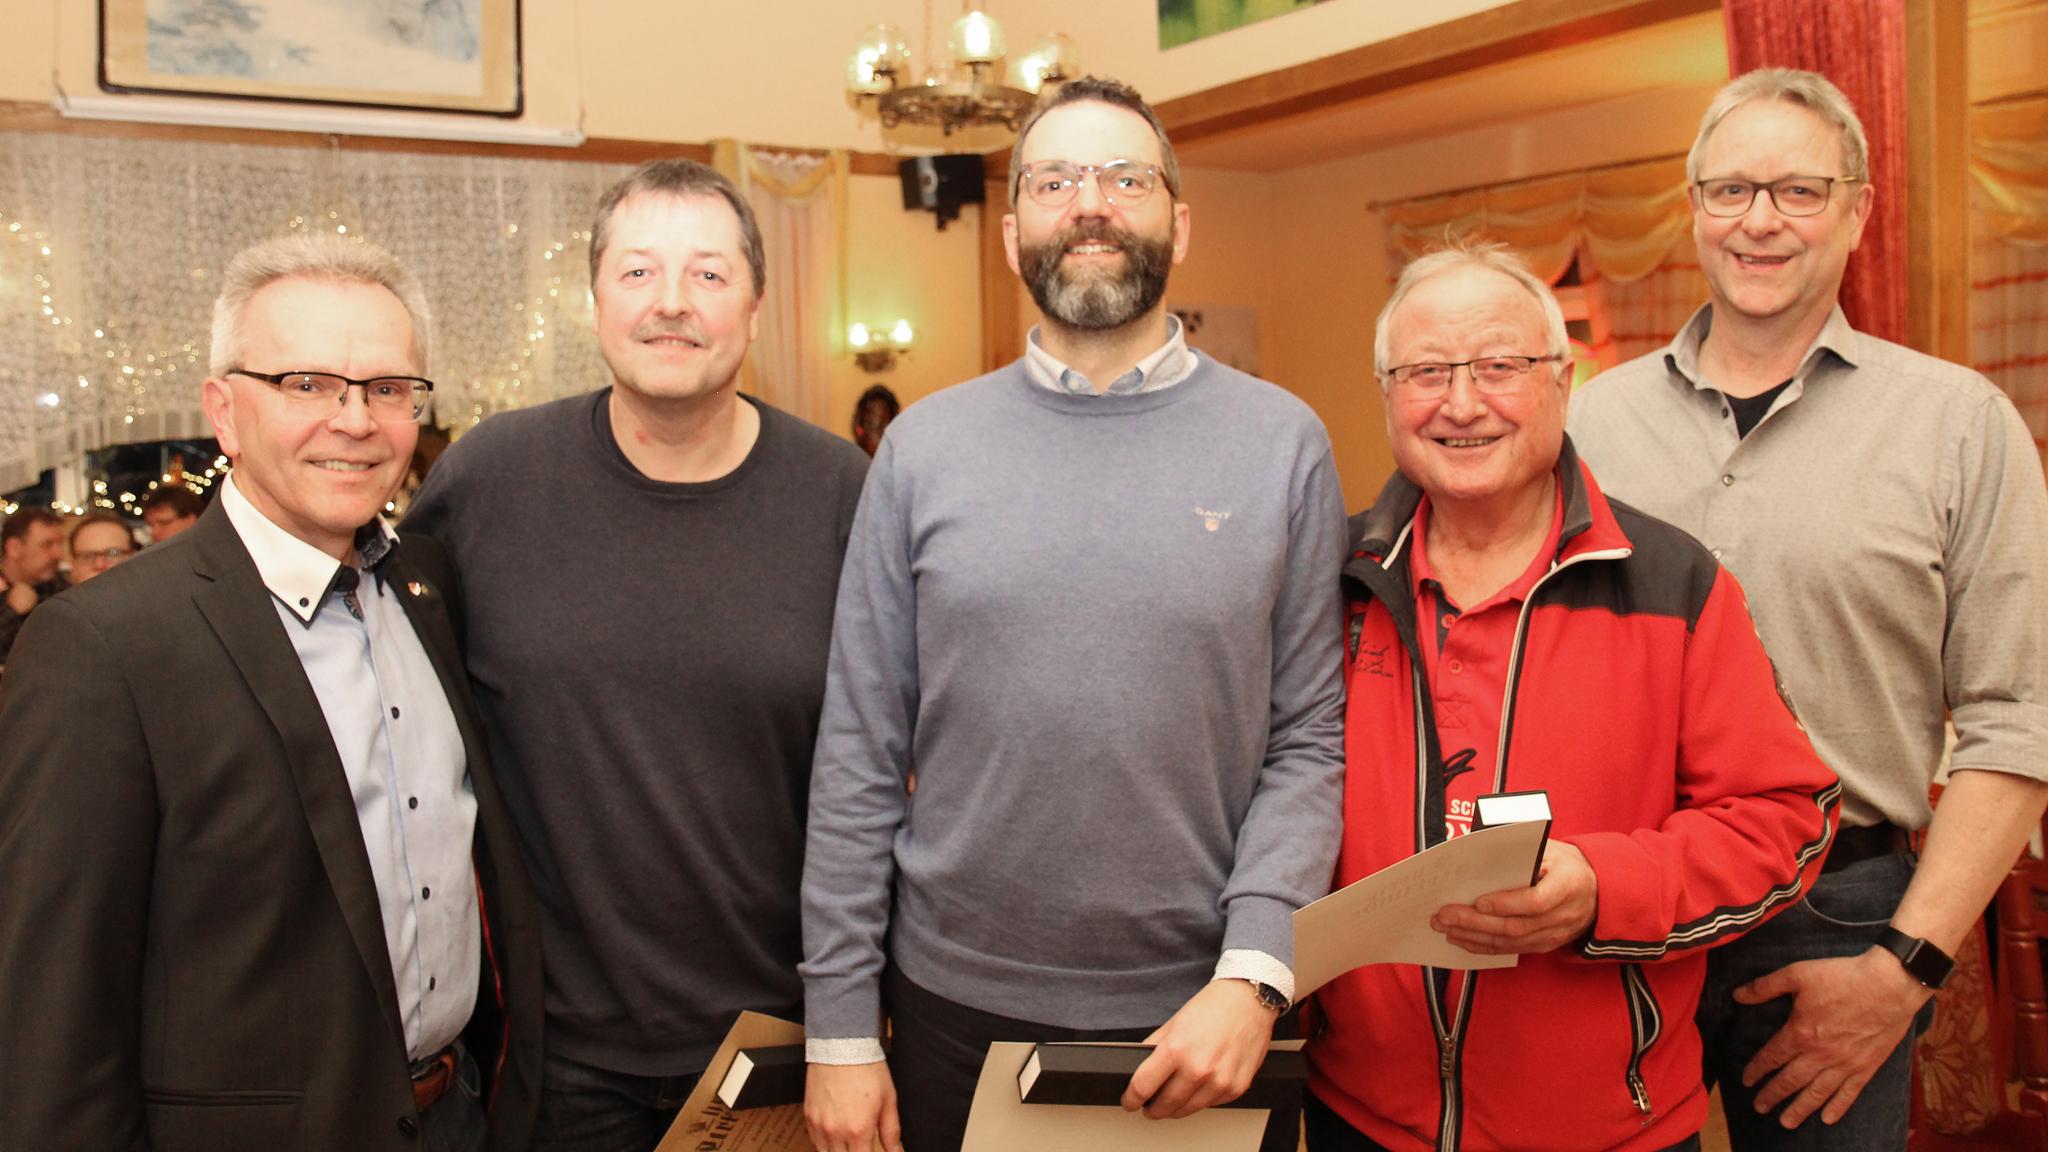 Für 40 Jahre Vereinstreue zeichneten Jürgen Lüneberg (li.) und Meinhard Andresen (re.), Stefan Bettin (2.v.li.), Henning Jansen (3.v.li.) sowie Wolfgang Schuster (4.v.li.) aus.